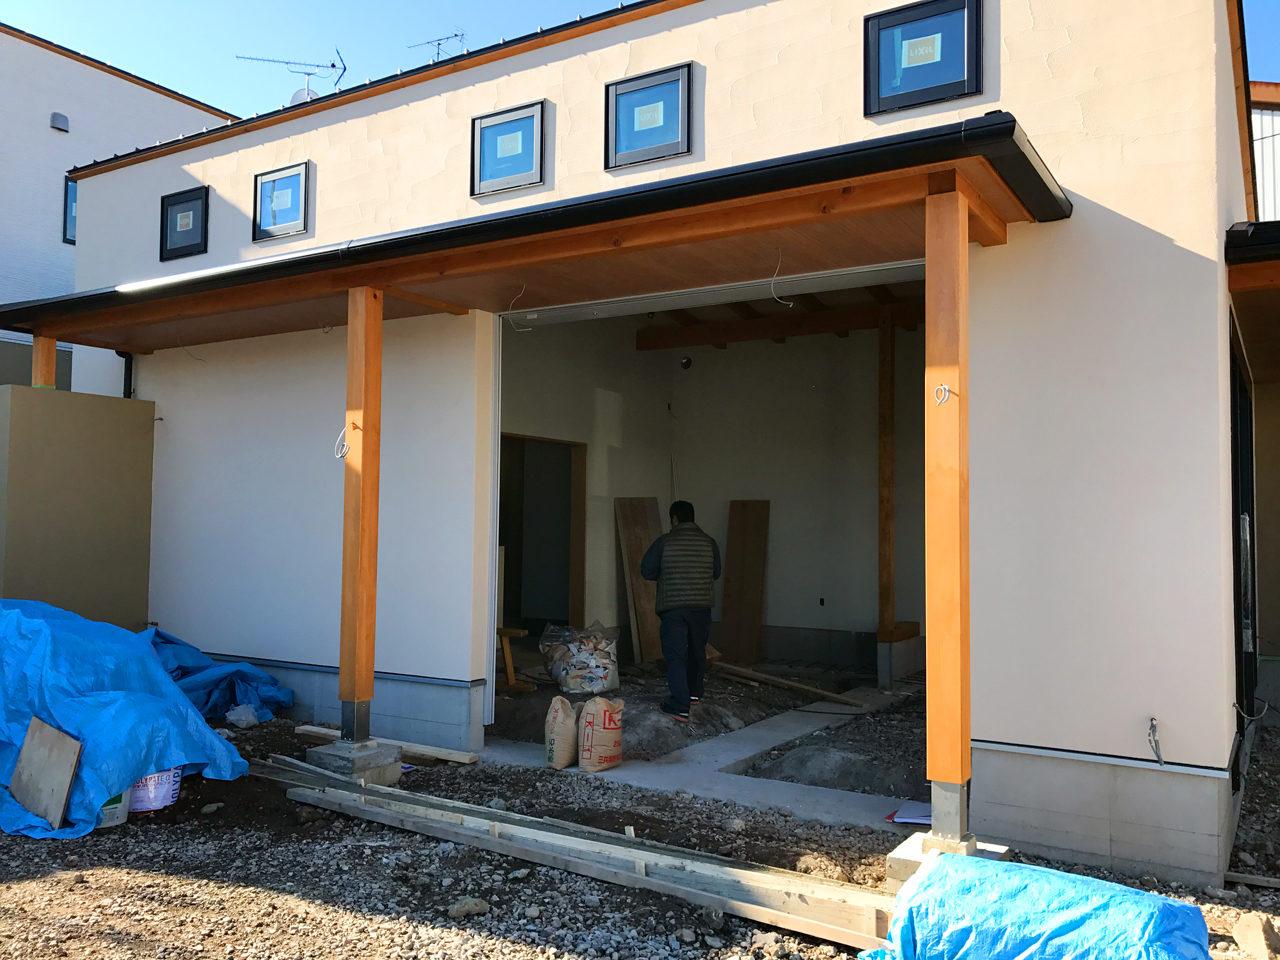 設計・デザインをした店舗(石材店・墓石屋)付き住宅の外観